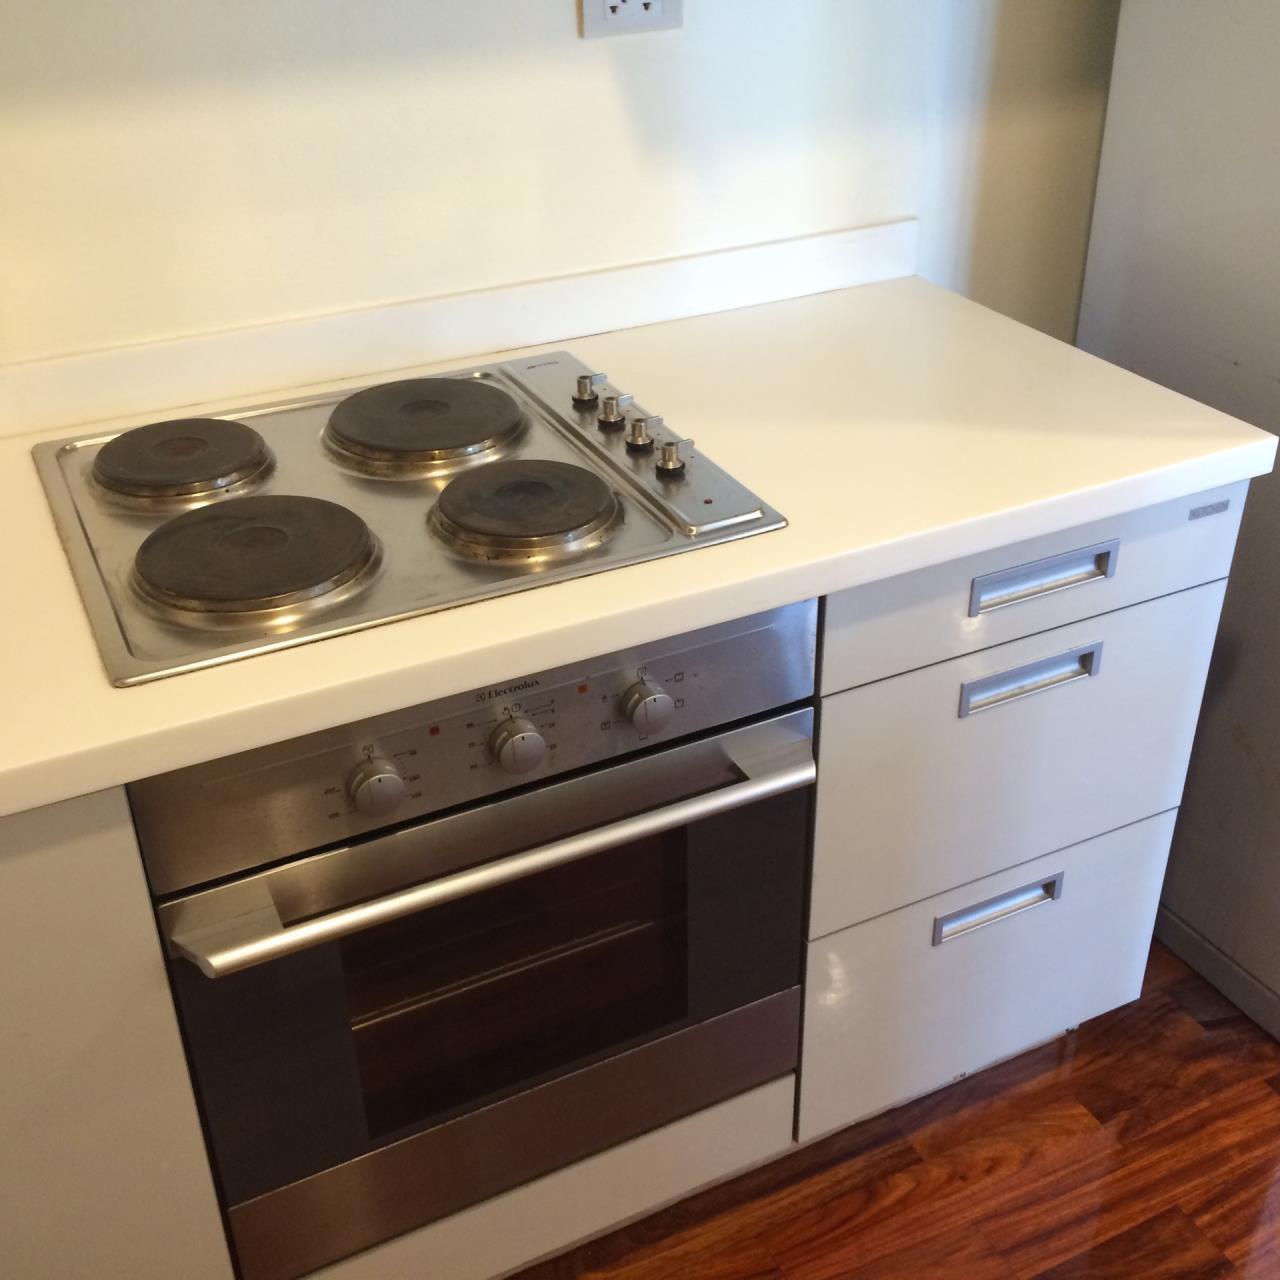 Quality Life Property Agency's 1-BEDROOM CONDO FOR RENT IN URBANA LANGSUAN 17 FOOR 4